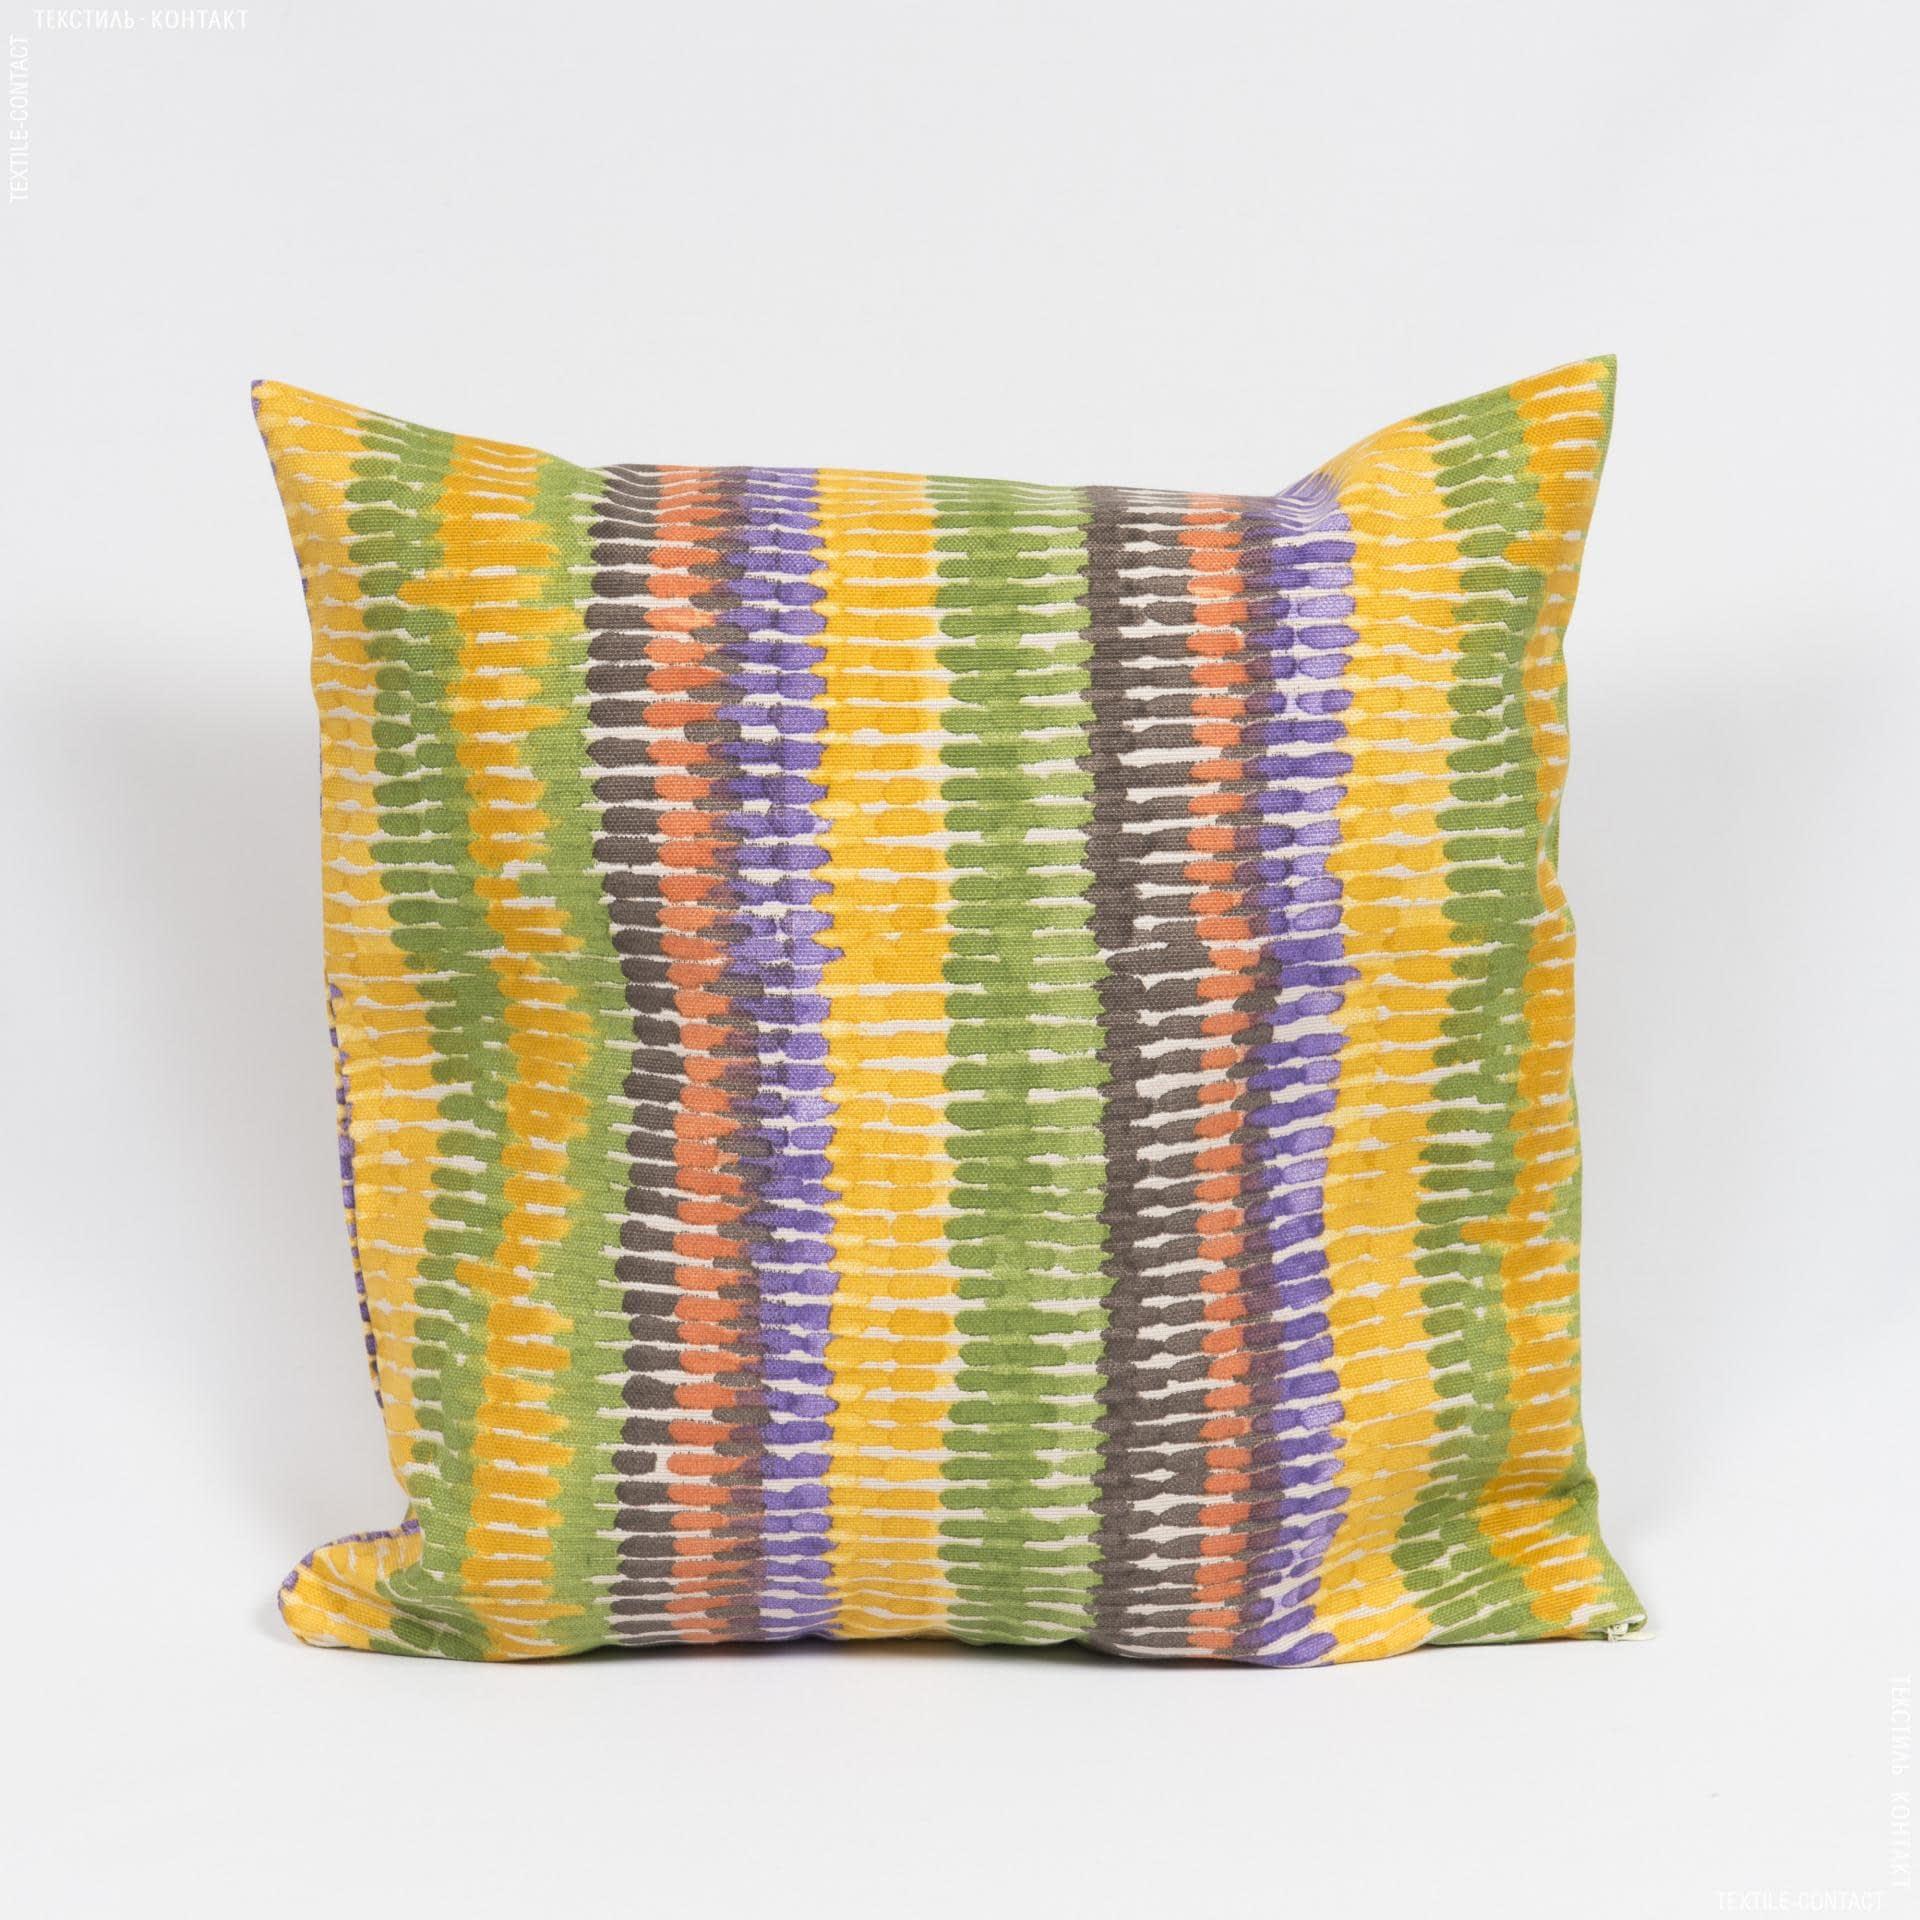 Ткани наволочки на декоративные  подушки - Чехол на декоративную подушку Ибра  45х45 см (148948)